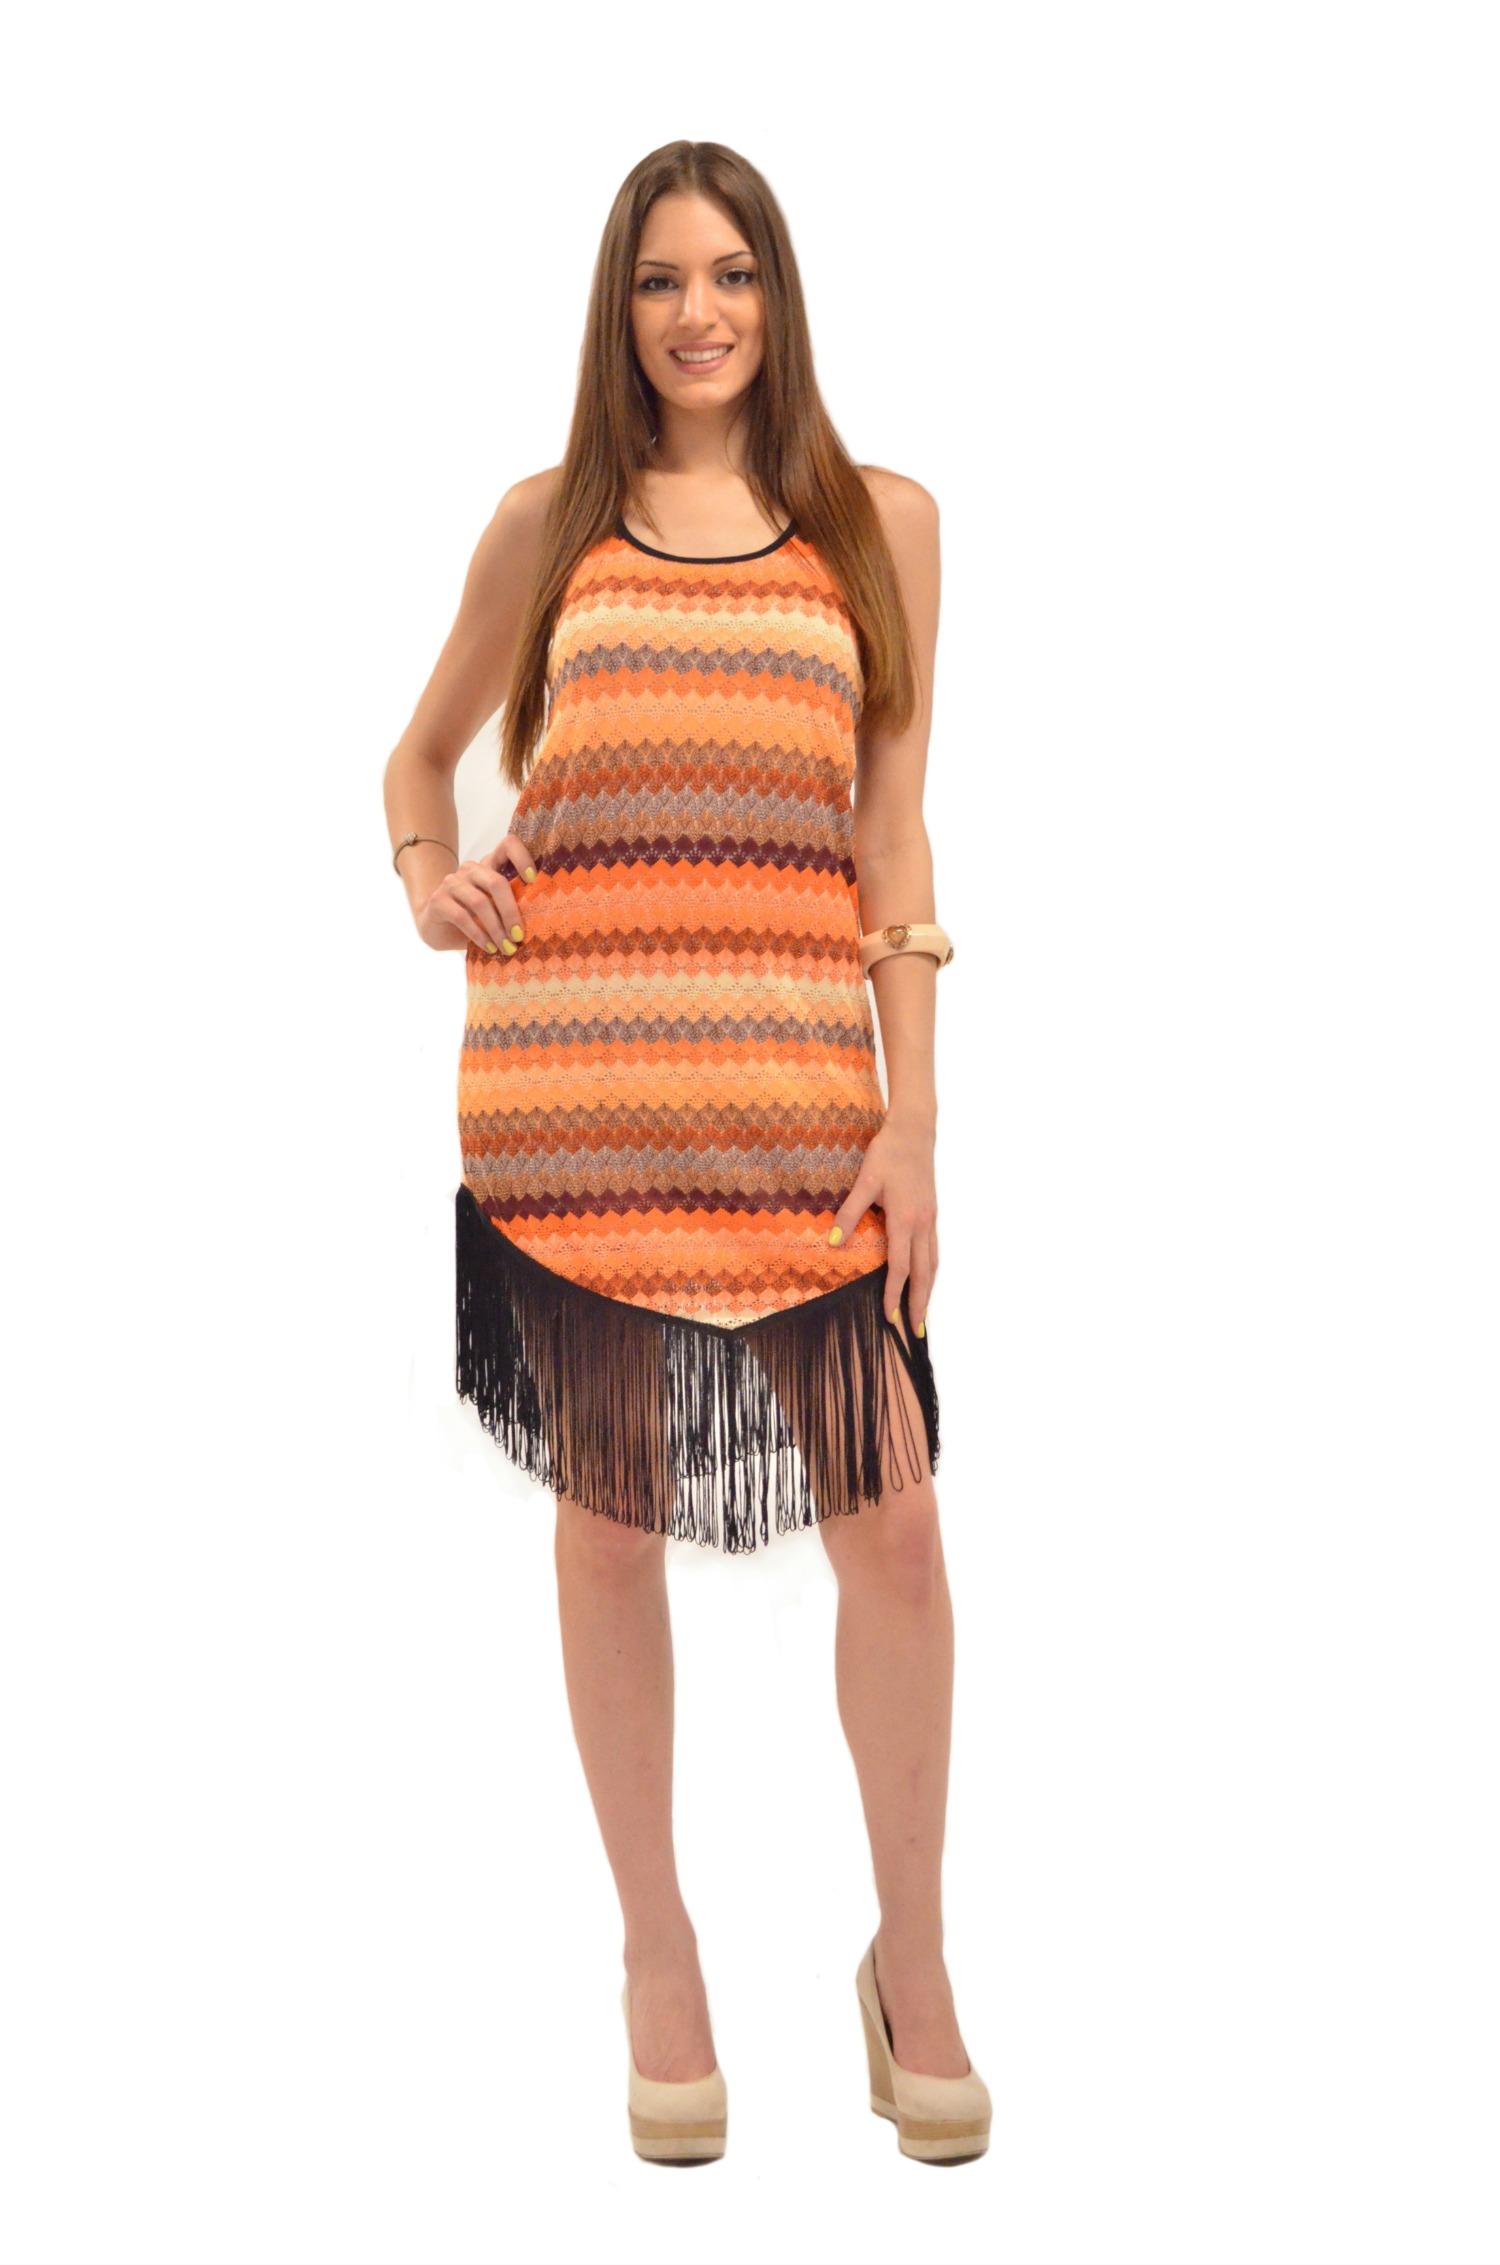 Πορτοκαλί φόρεμα με κρόσια - OEM - SS15-ORNGCLF ενδύματα φορέματα